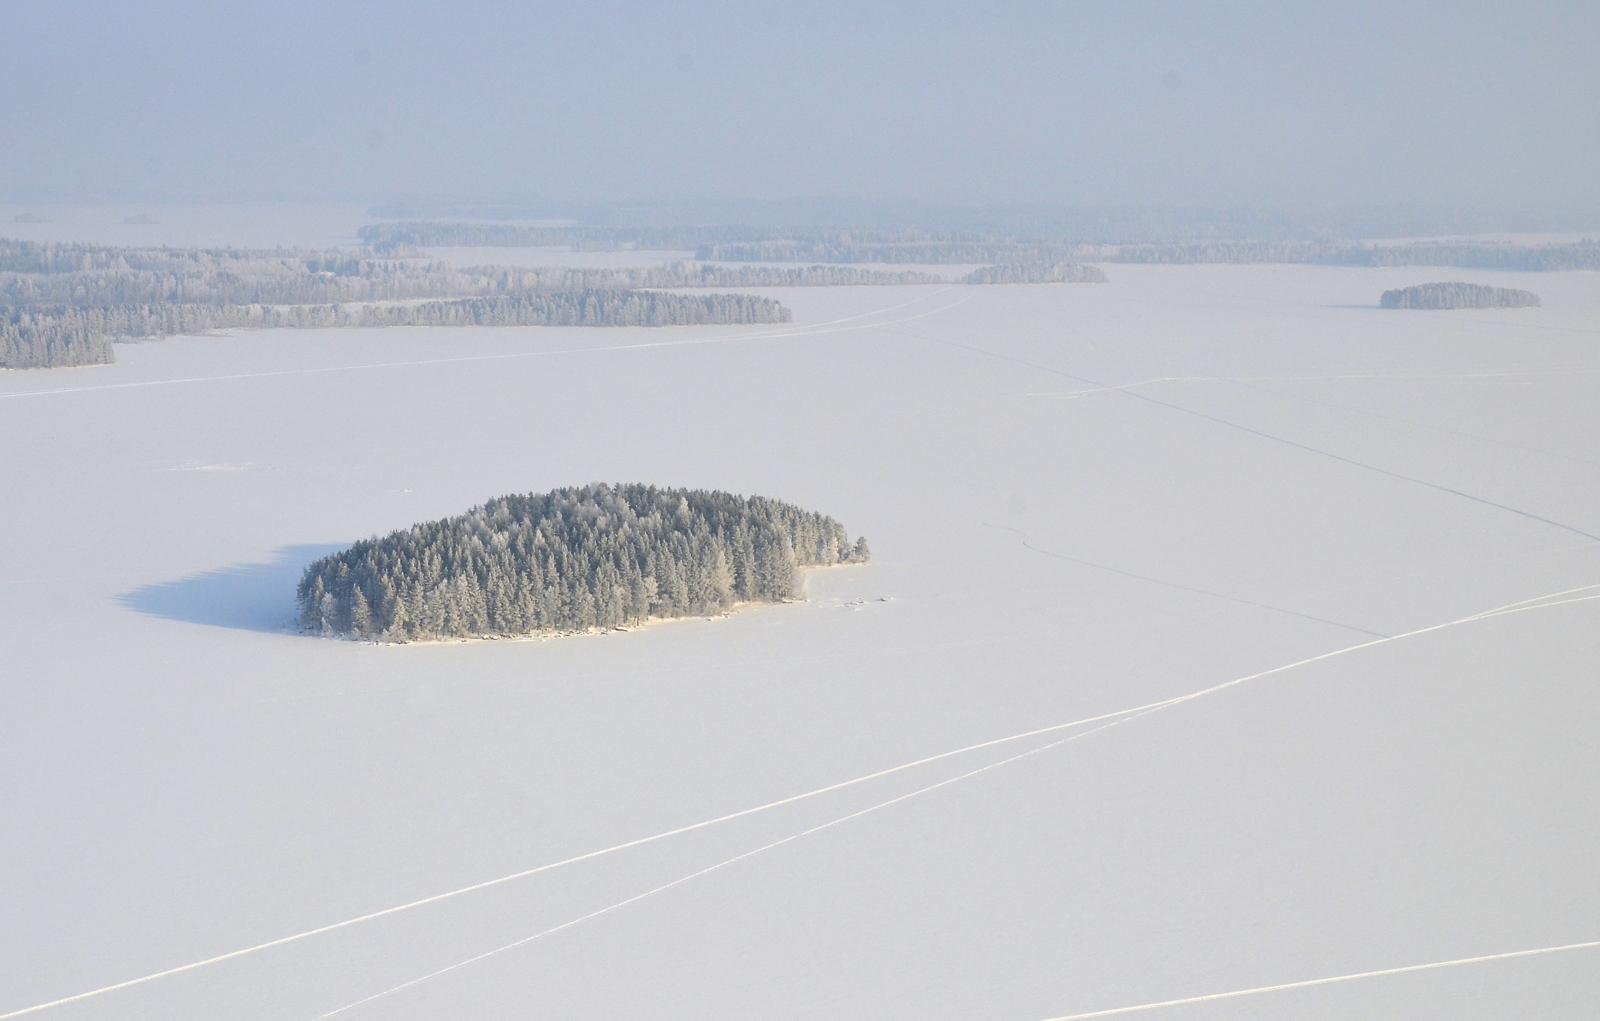 Siinä se on, saari joka on kovinkin kuuluisa Akseli Gallen-Kallelan maalauksista.